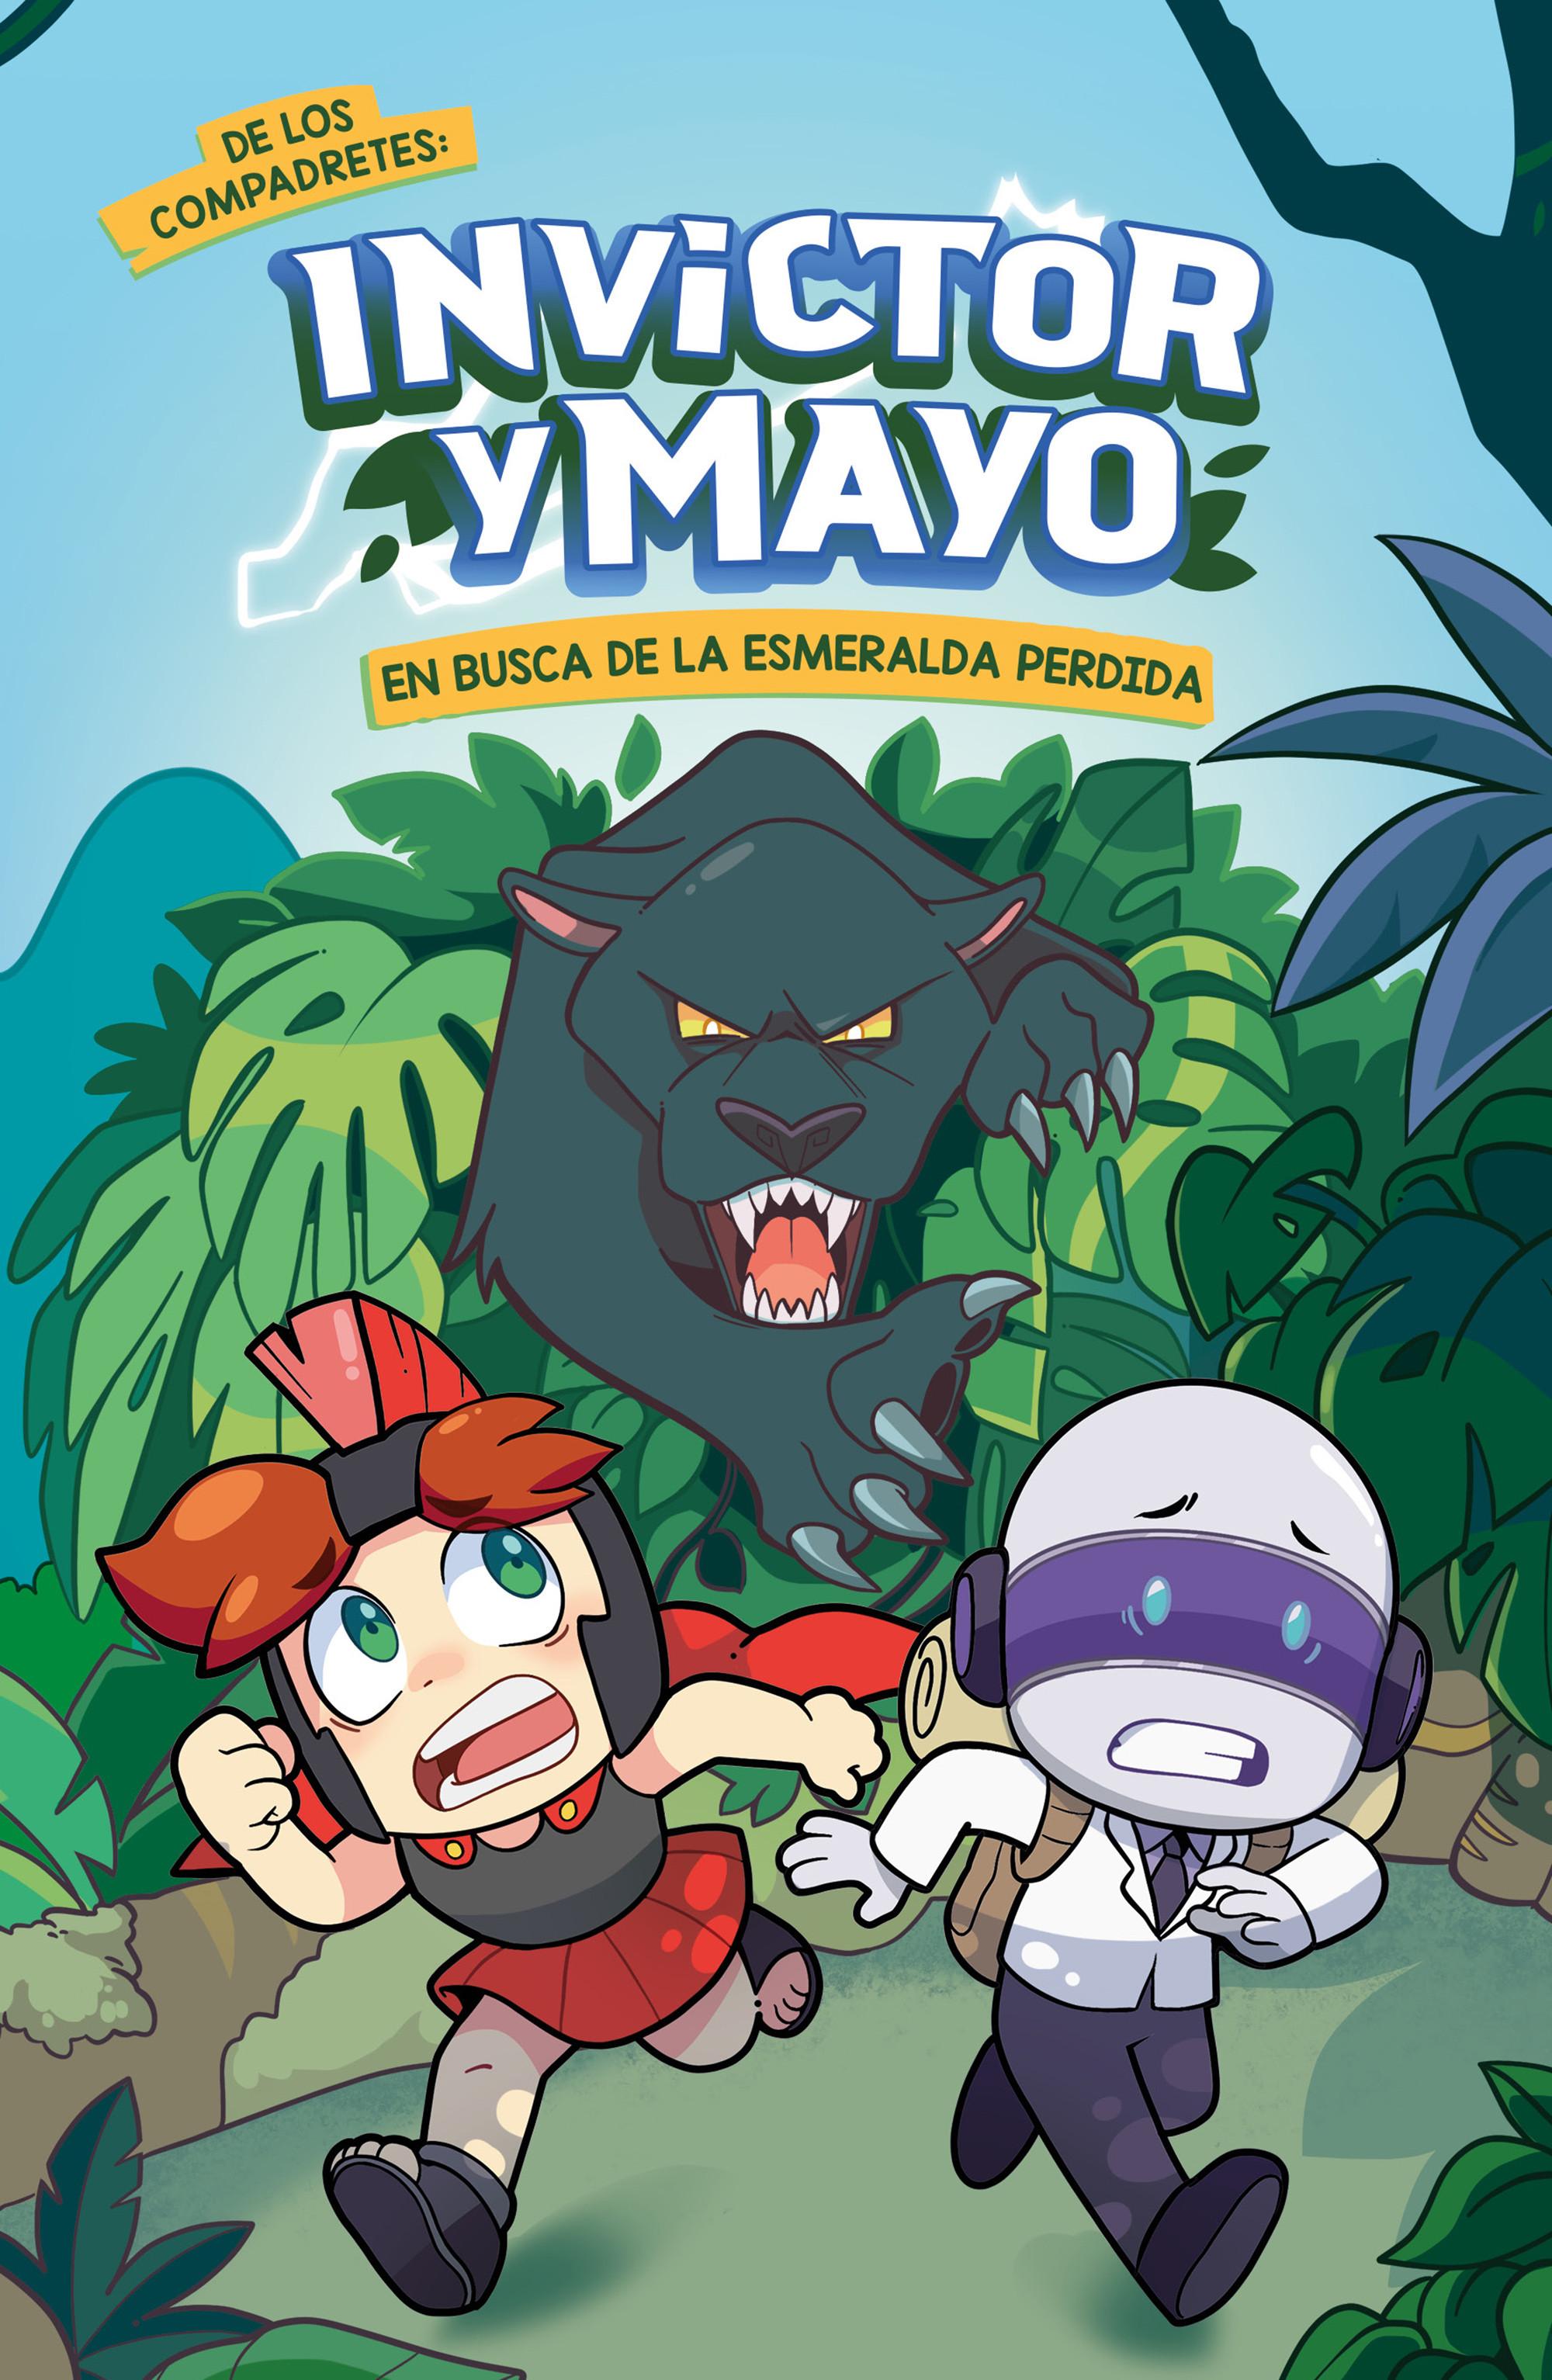 Invictor y Mayo. En busca de la esmeralda perdida